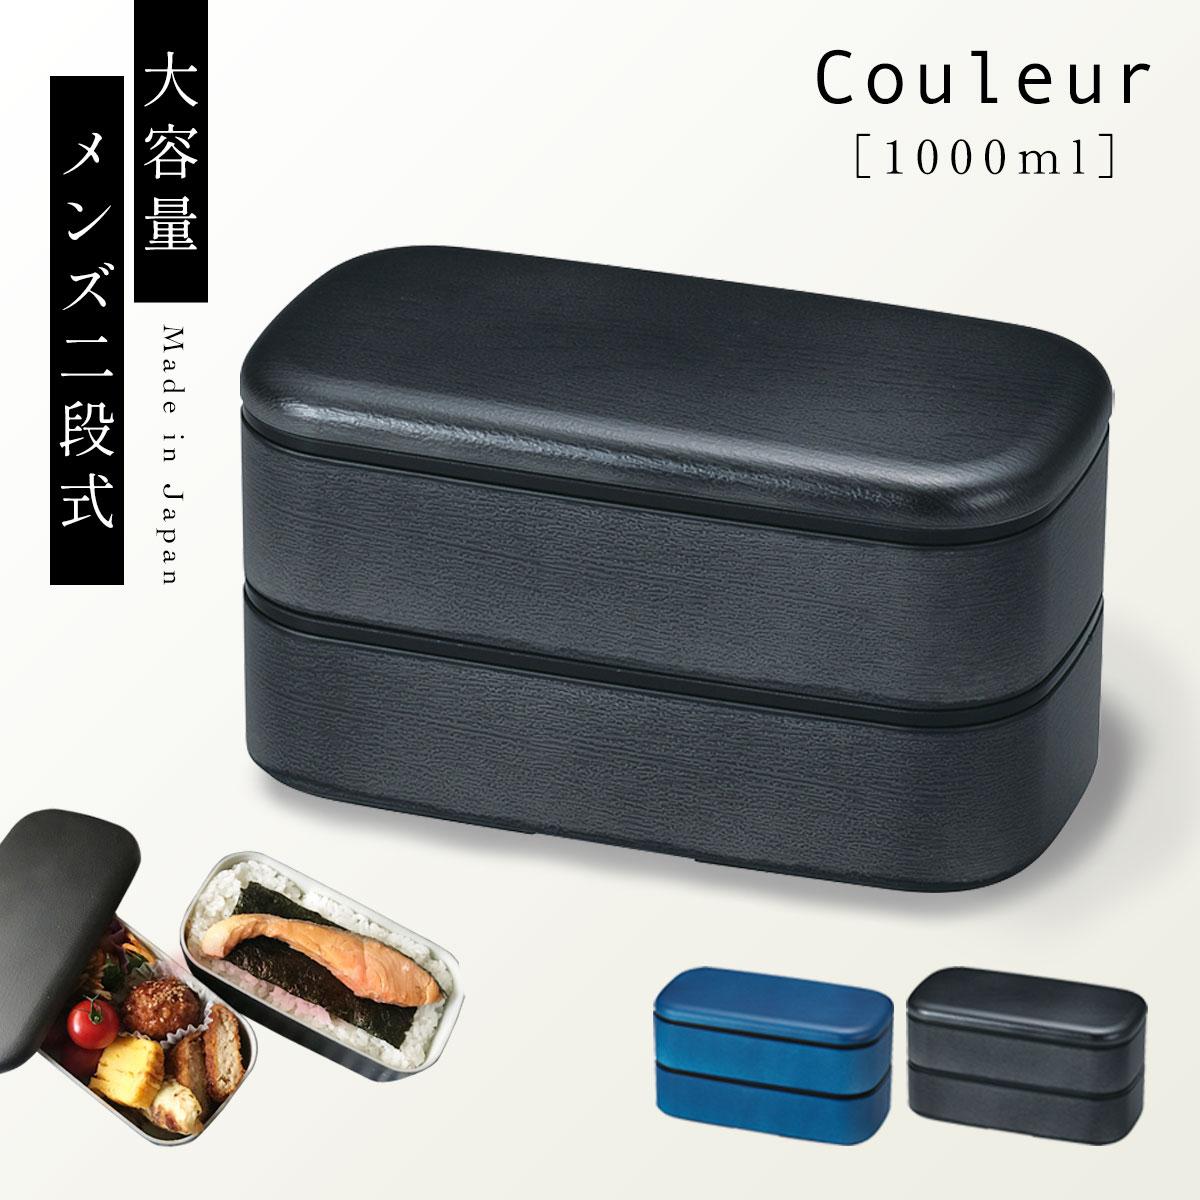 弁当箱 男性  男子 大容量 2段 メンズ レンジ対応 食洗機対応 日本製 木目 メンズ スクウェア弁当